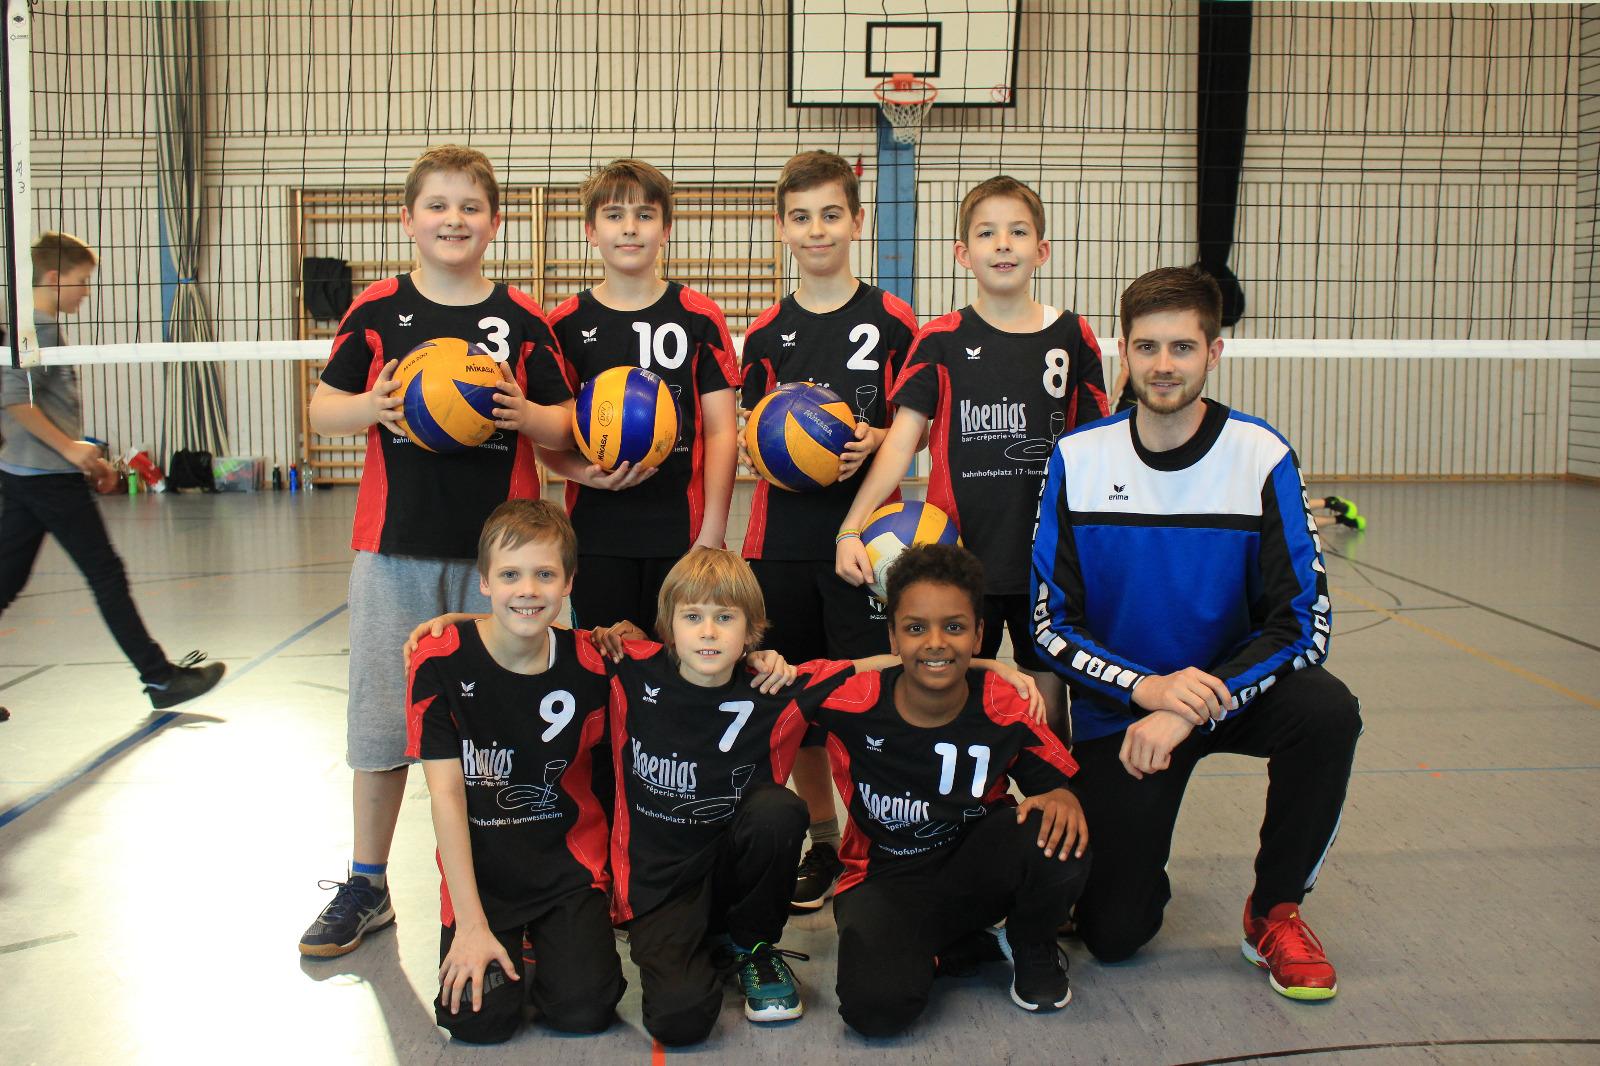 U13mnnlich 2019 SV Salamander Kornwestheim Volleyball